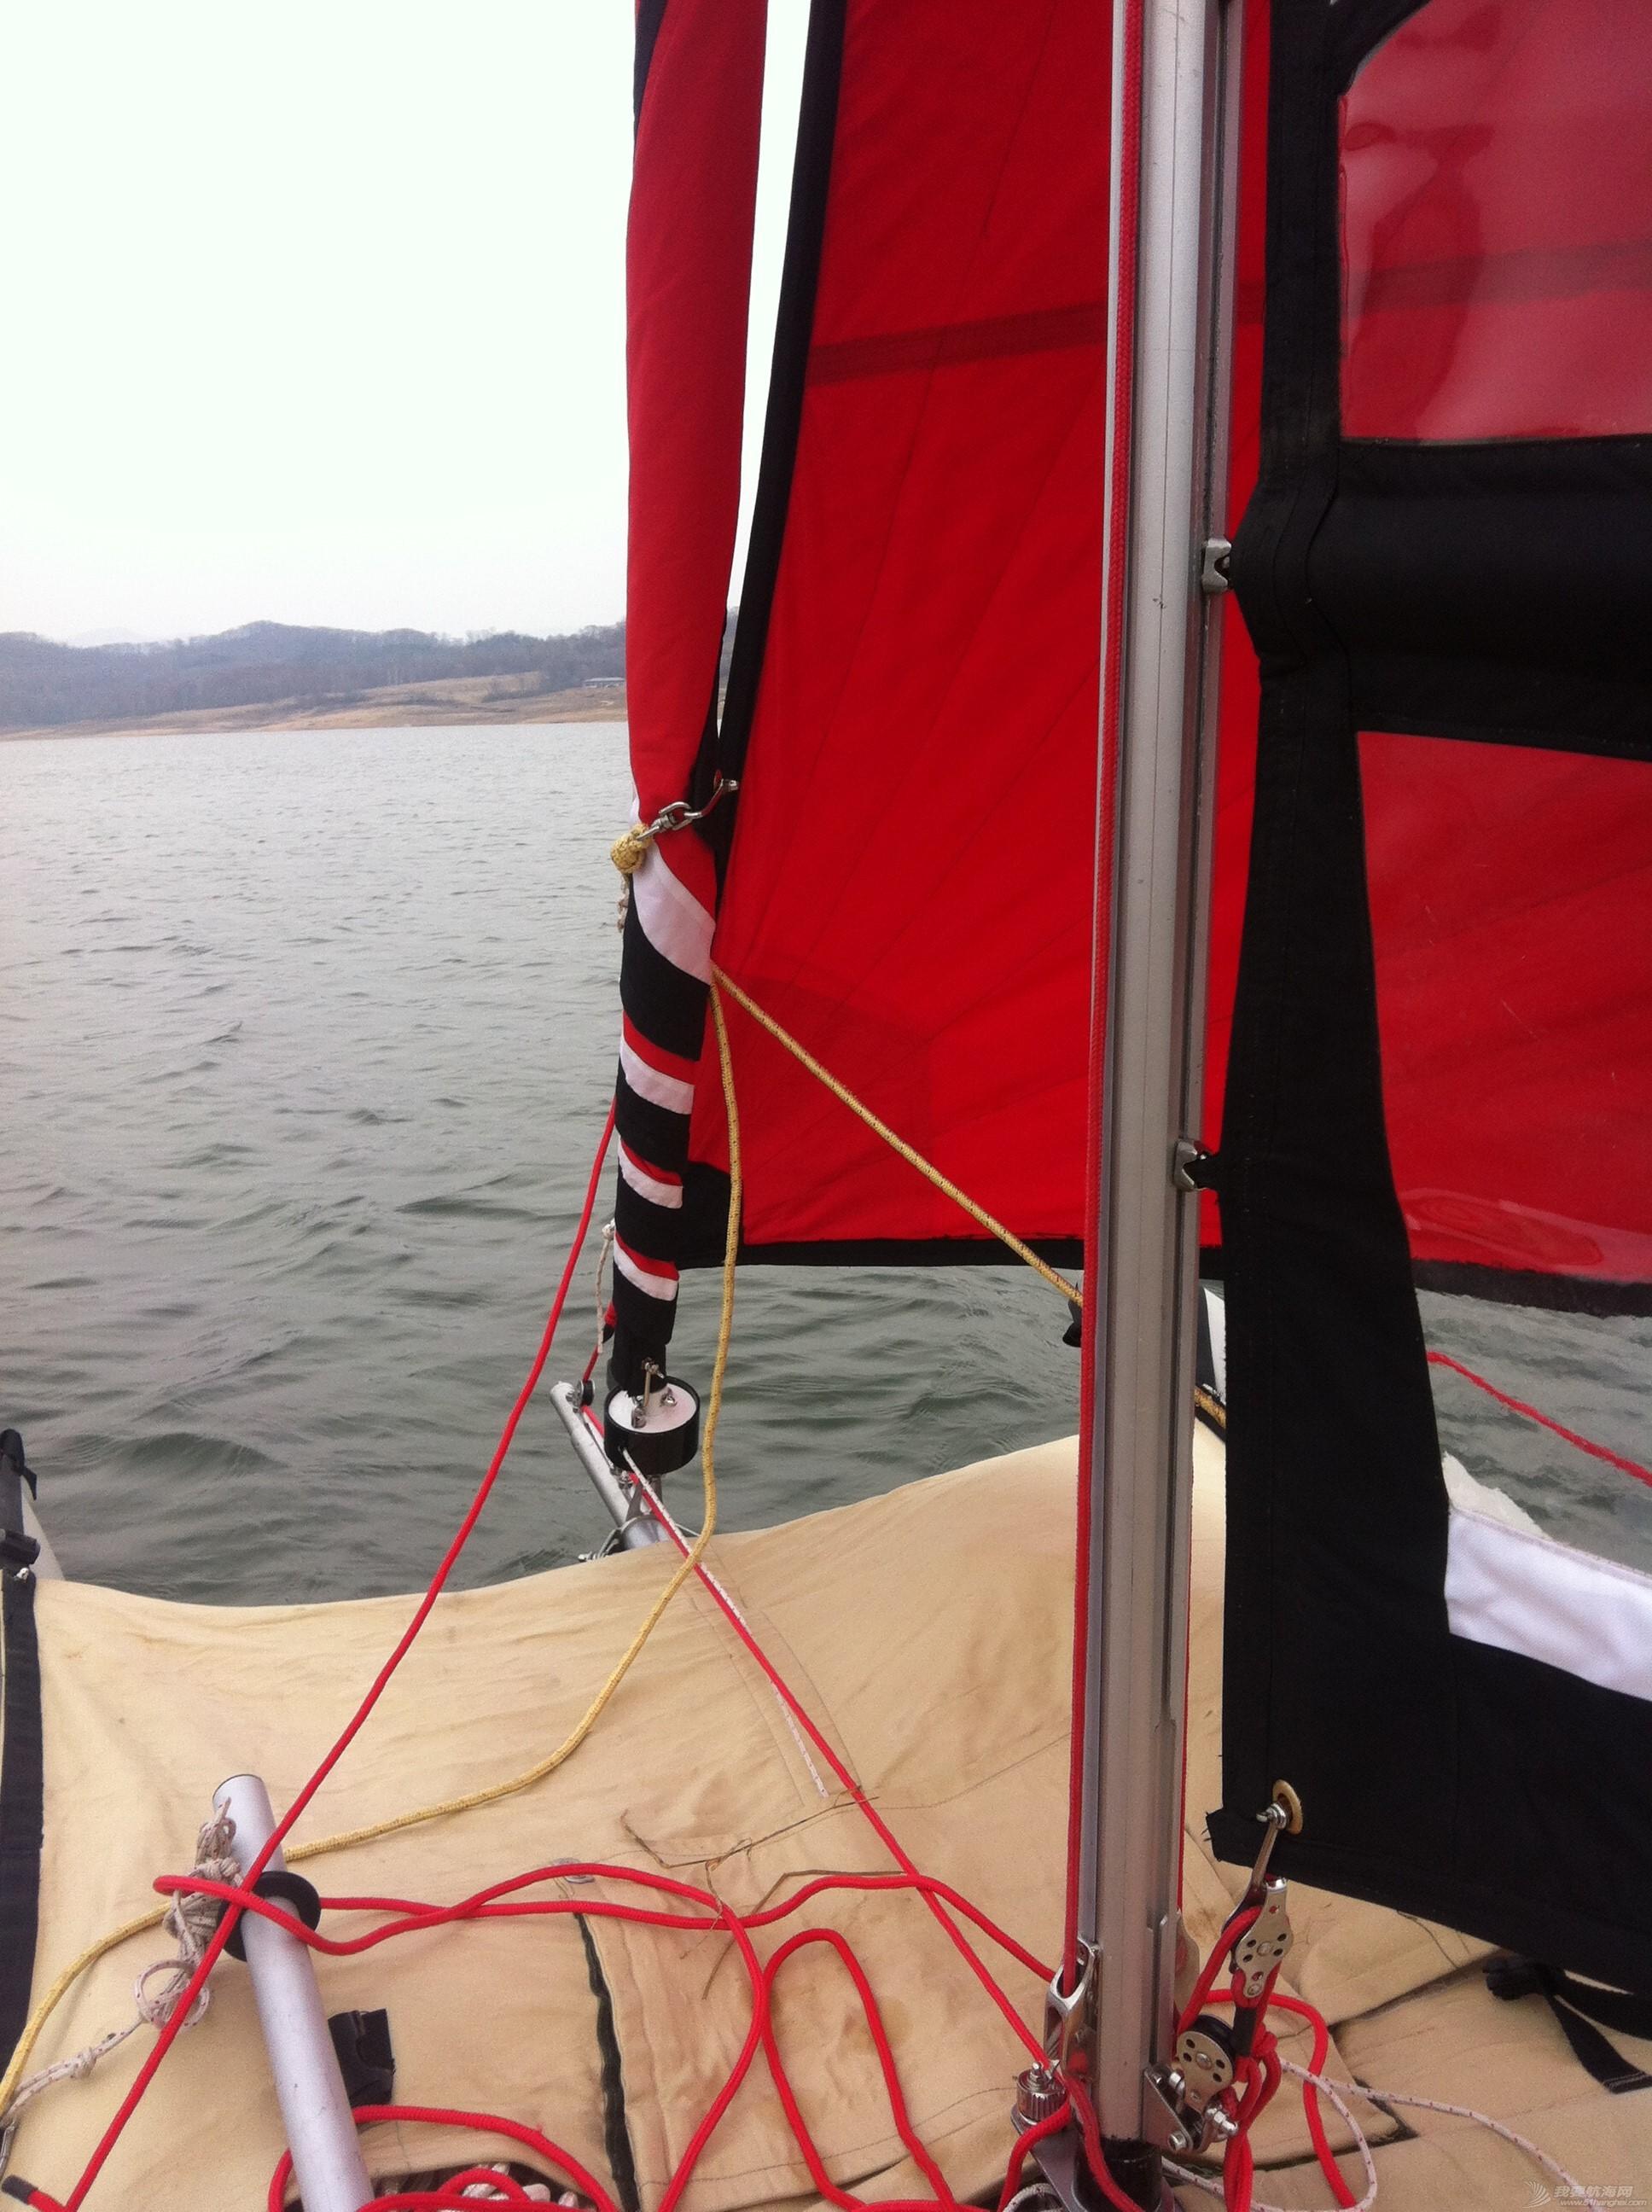 钢丝绳,热那亚,帆船,把手,空间 在家造帆船(下篇) 挂起大前帆航行